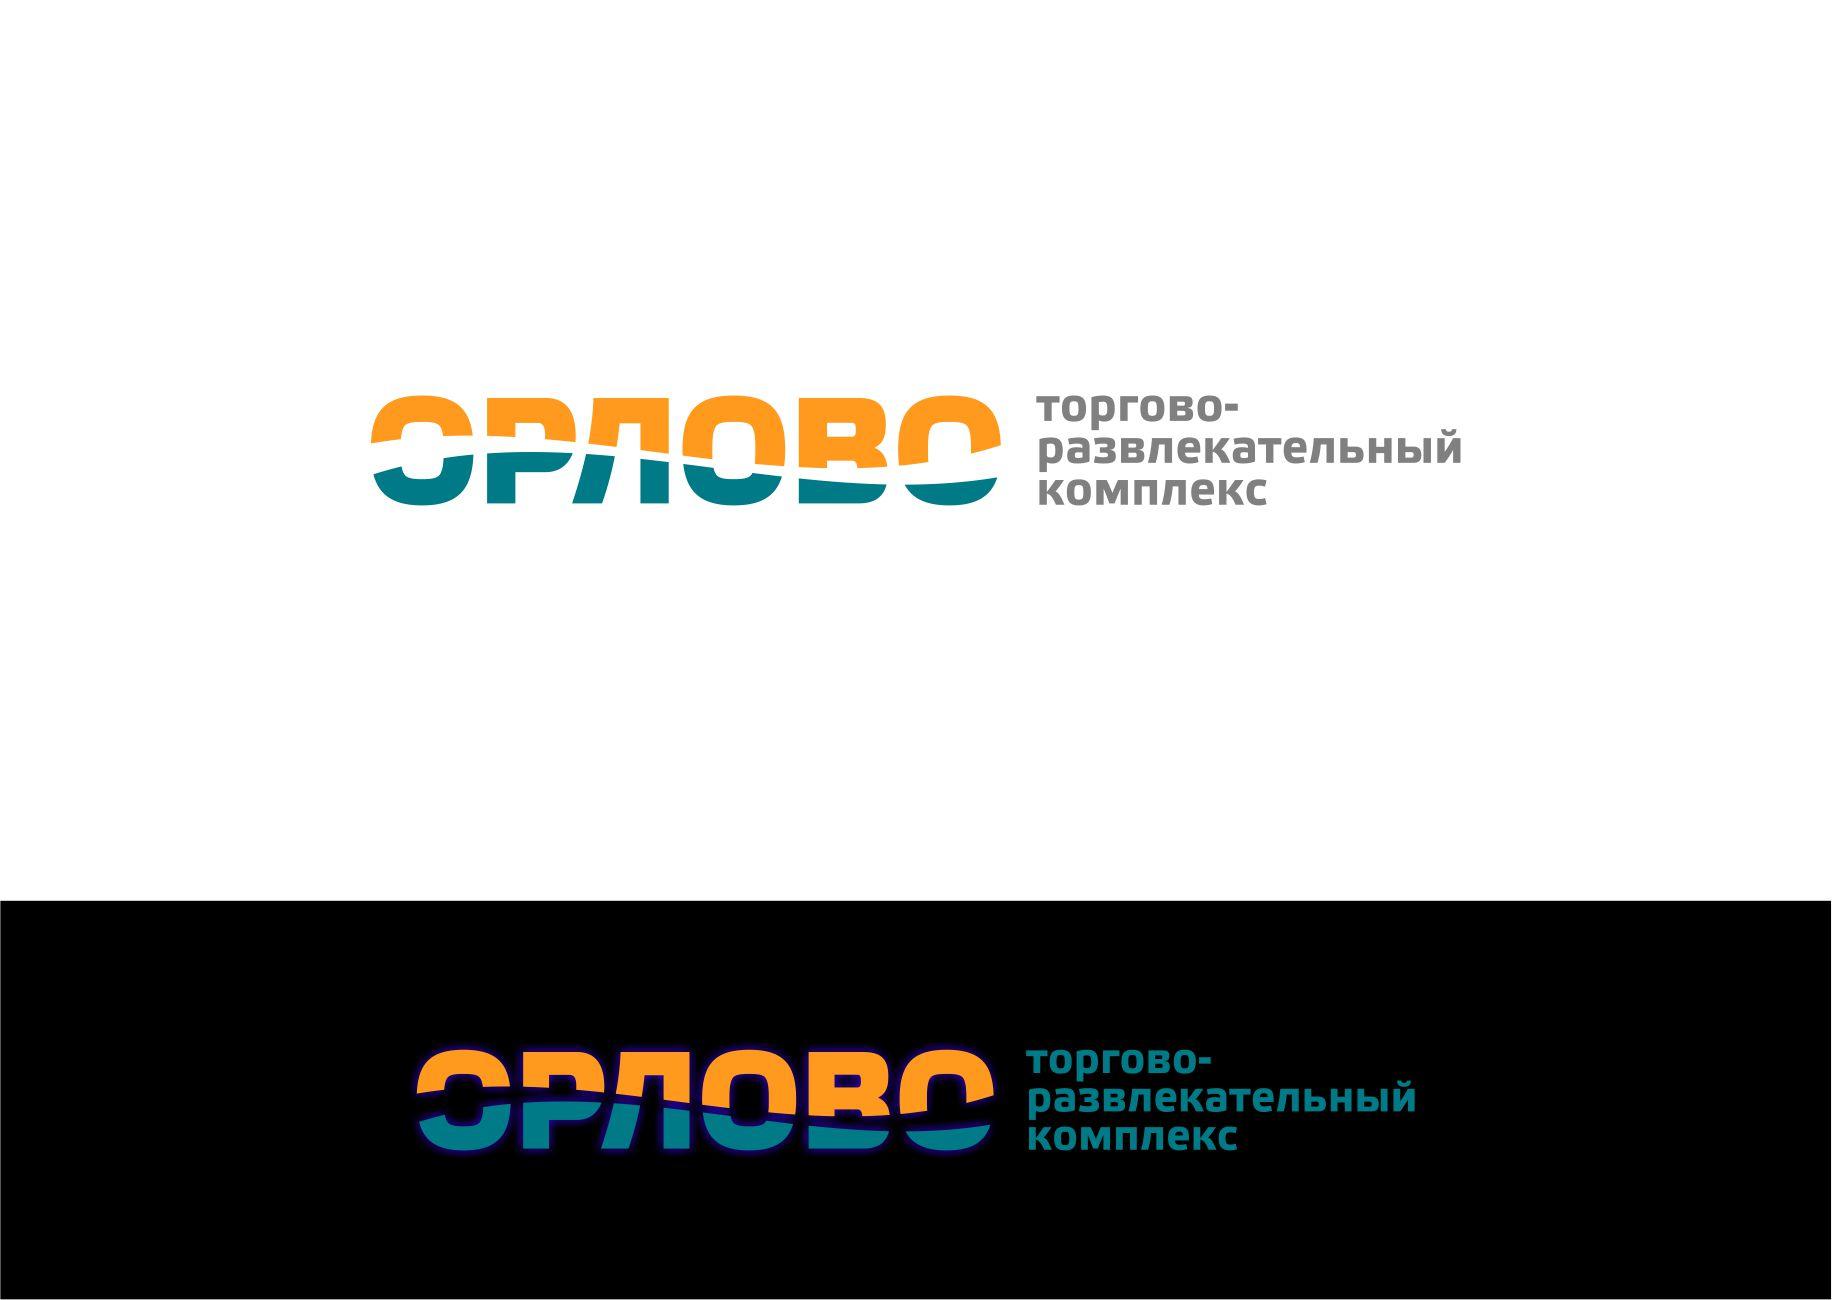 Разработка логотипа для Торгово-развлекательного комплекса фото f_456596b3597051ae.jpg